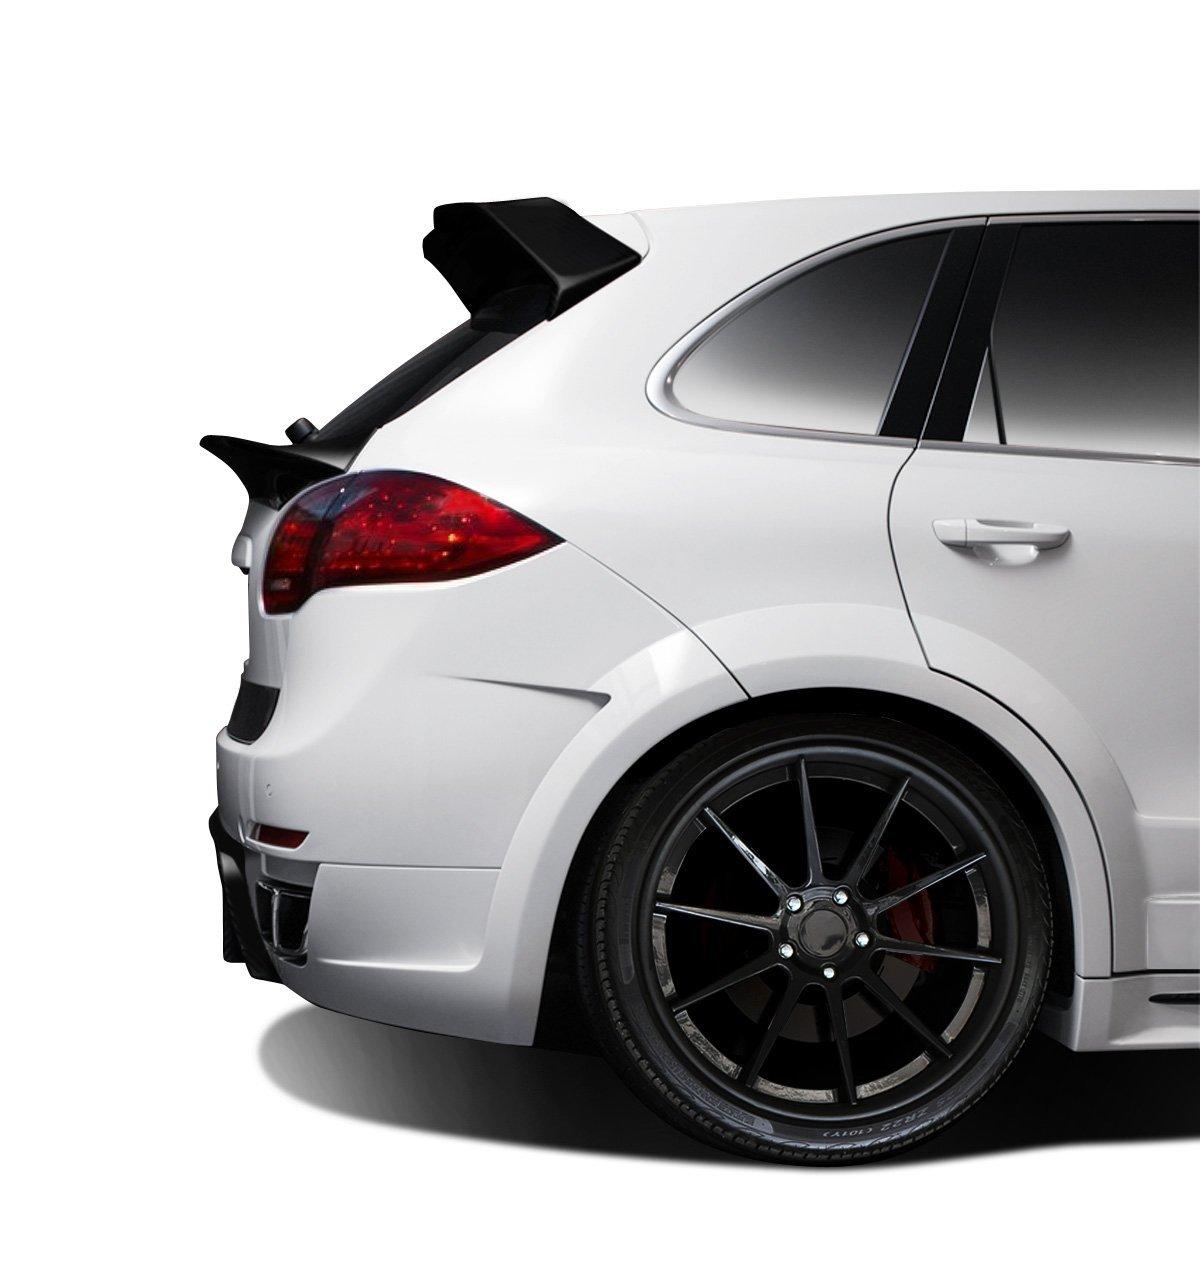 2011-2014 Porsche Cayenne AF-4 Wide Body Rear Fender Flares ( GFK ) - 4 Piece